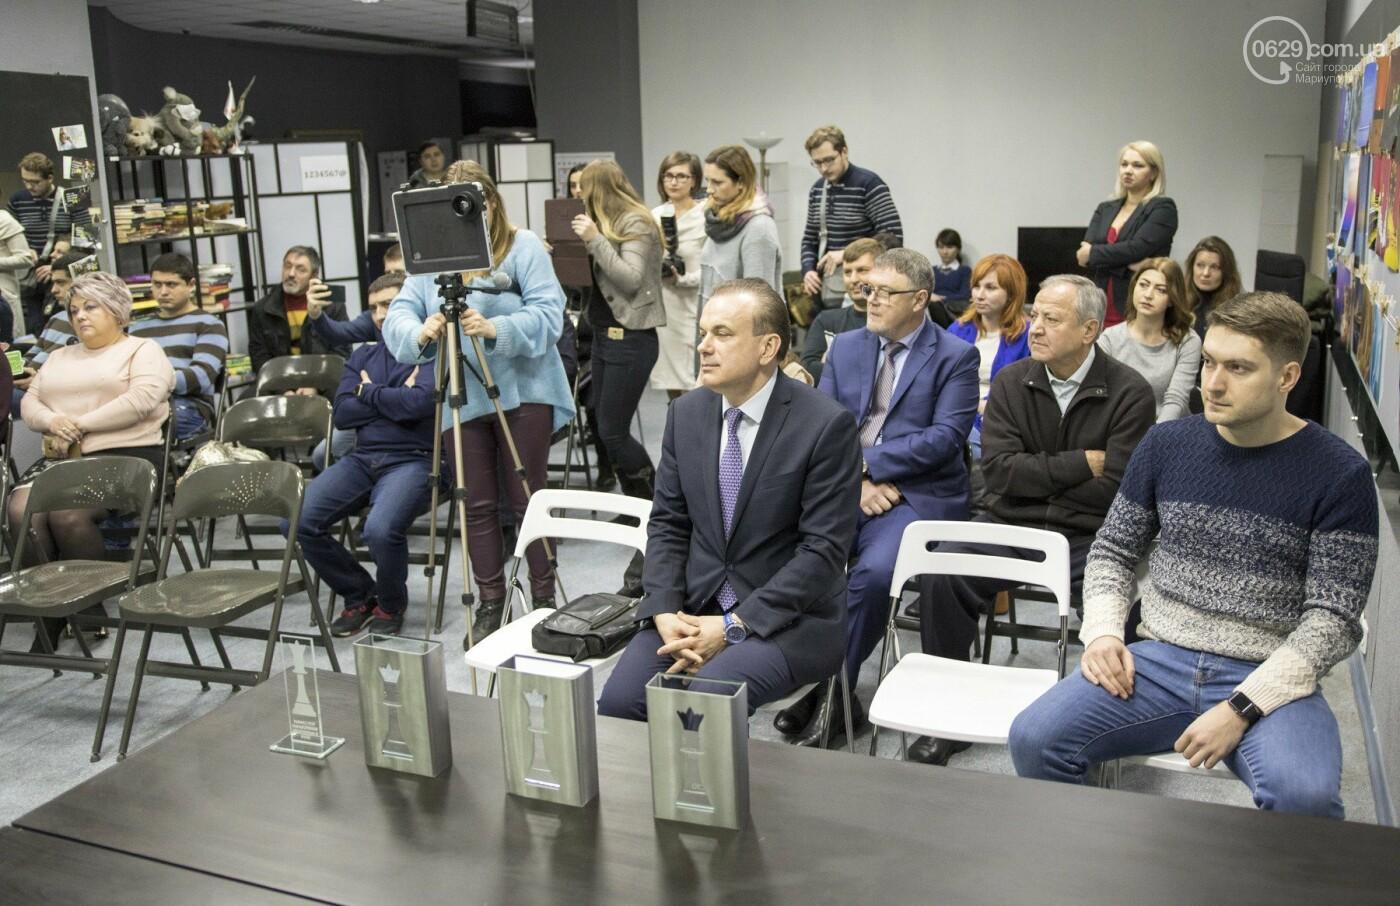 Мариупольский сайт 0629.com.ua презентовал ТОП самых влиятельных людей, - ВИДЕО, ФОТО, фото-4